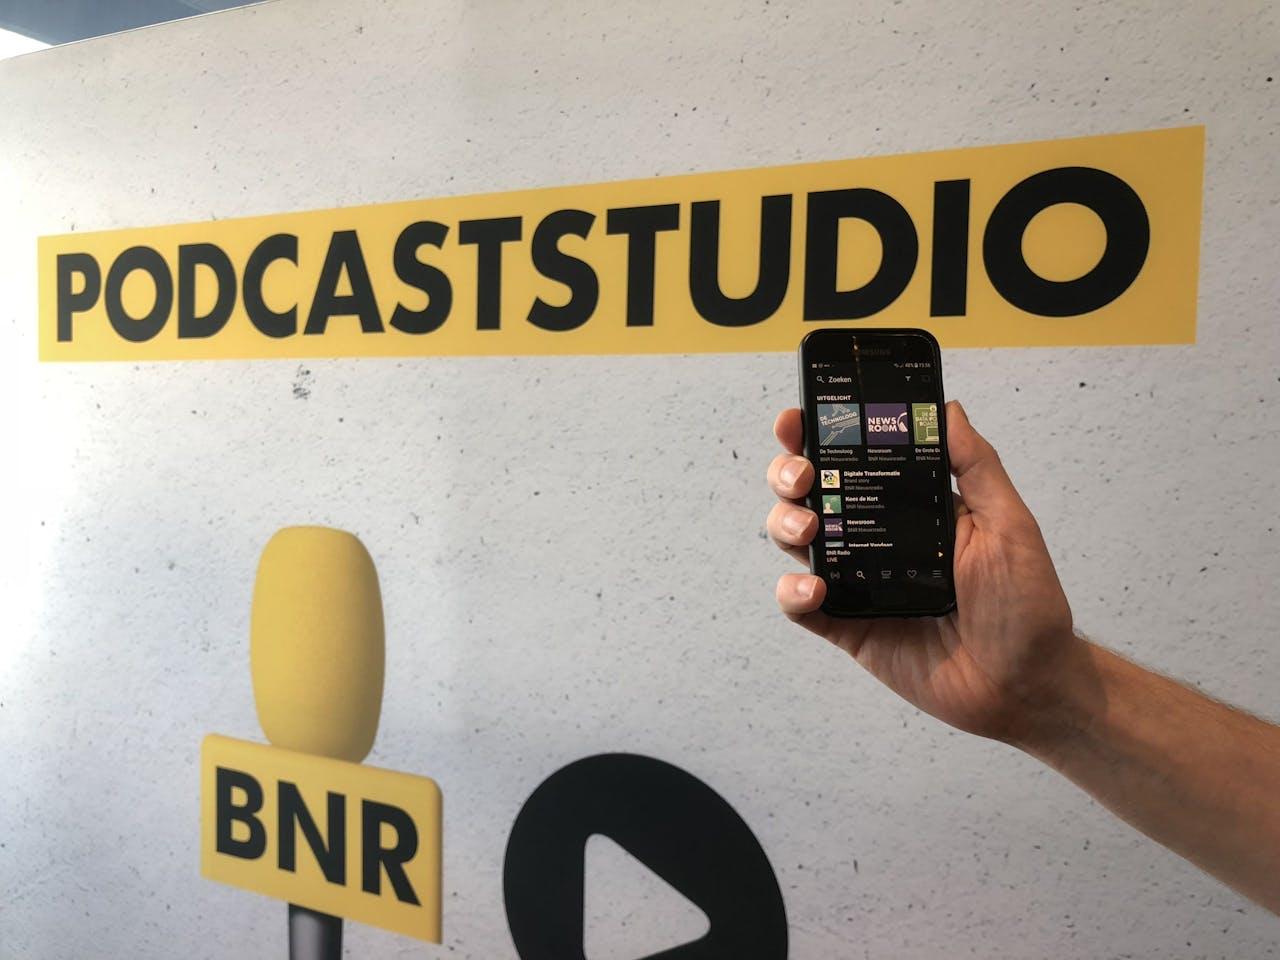 BNR Podcast